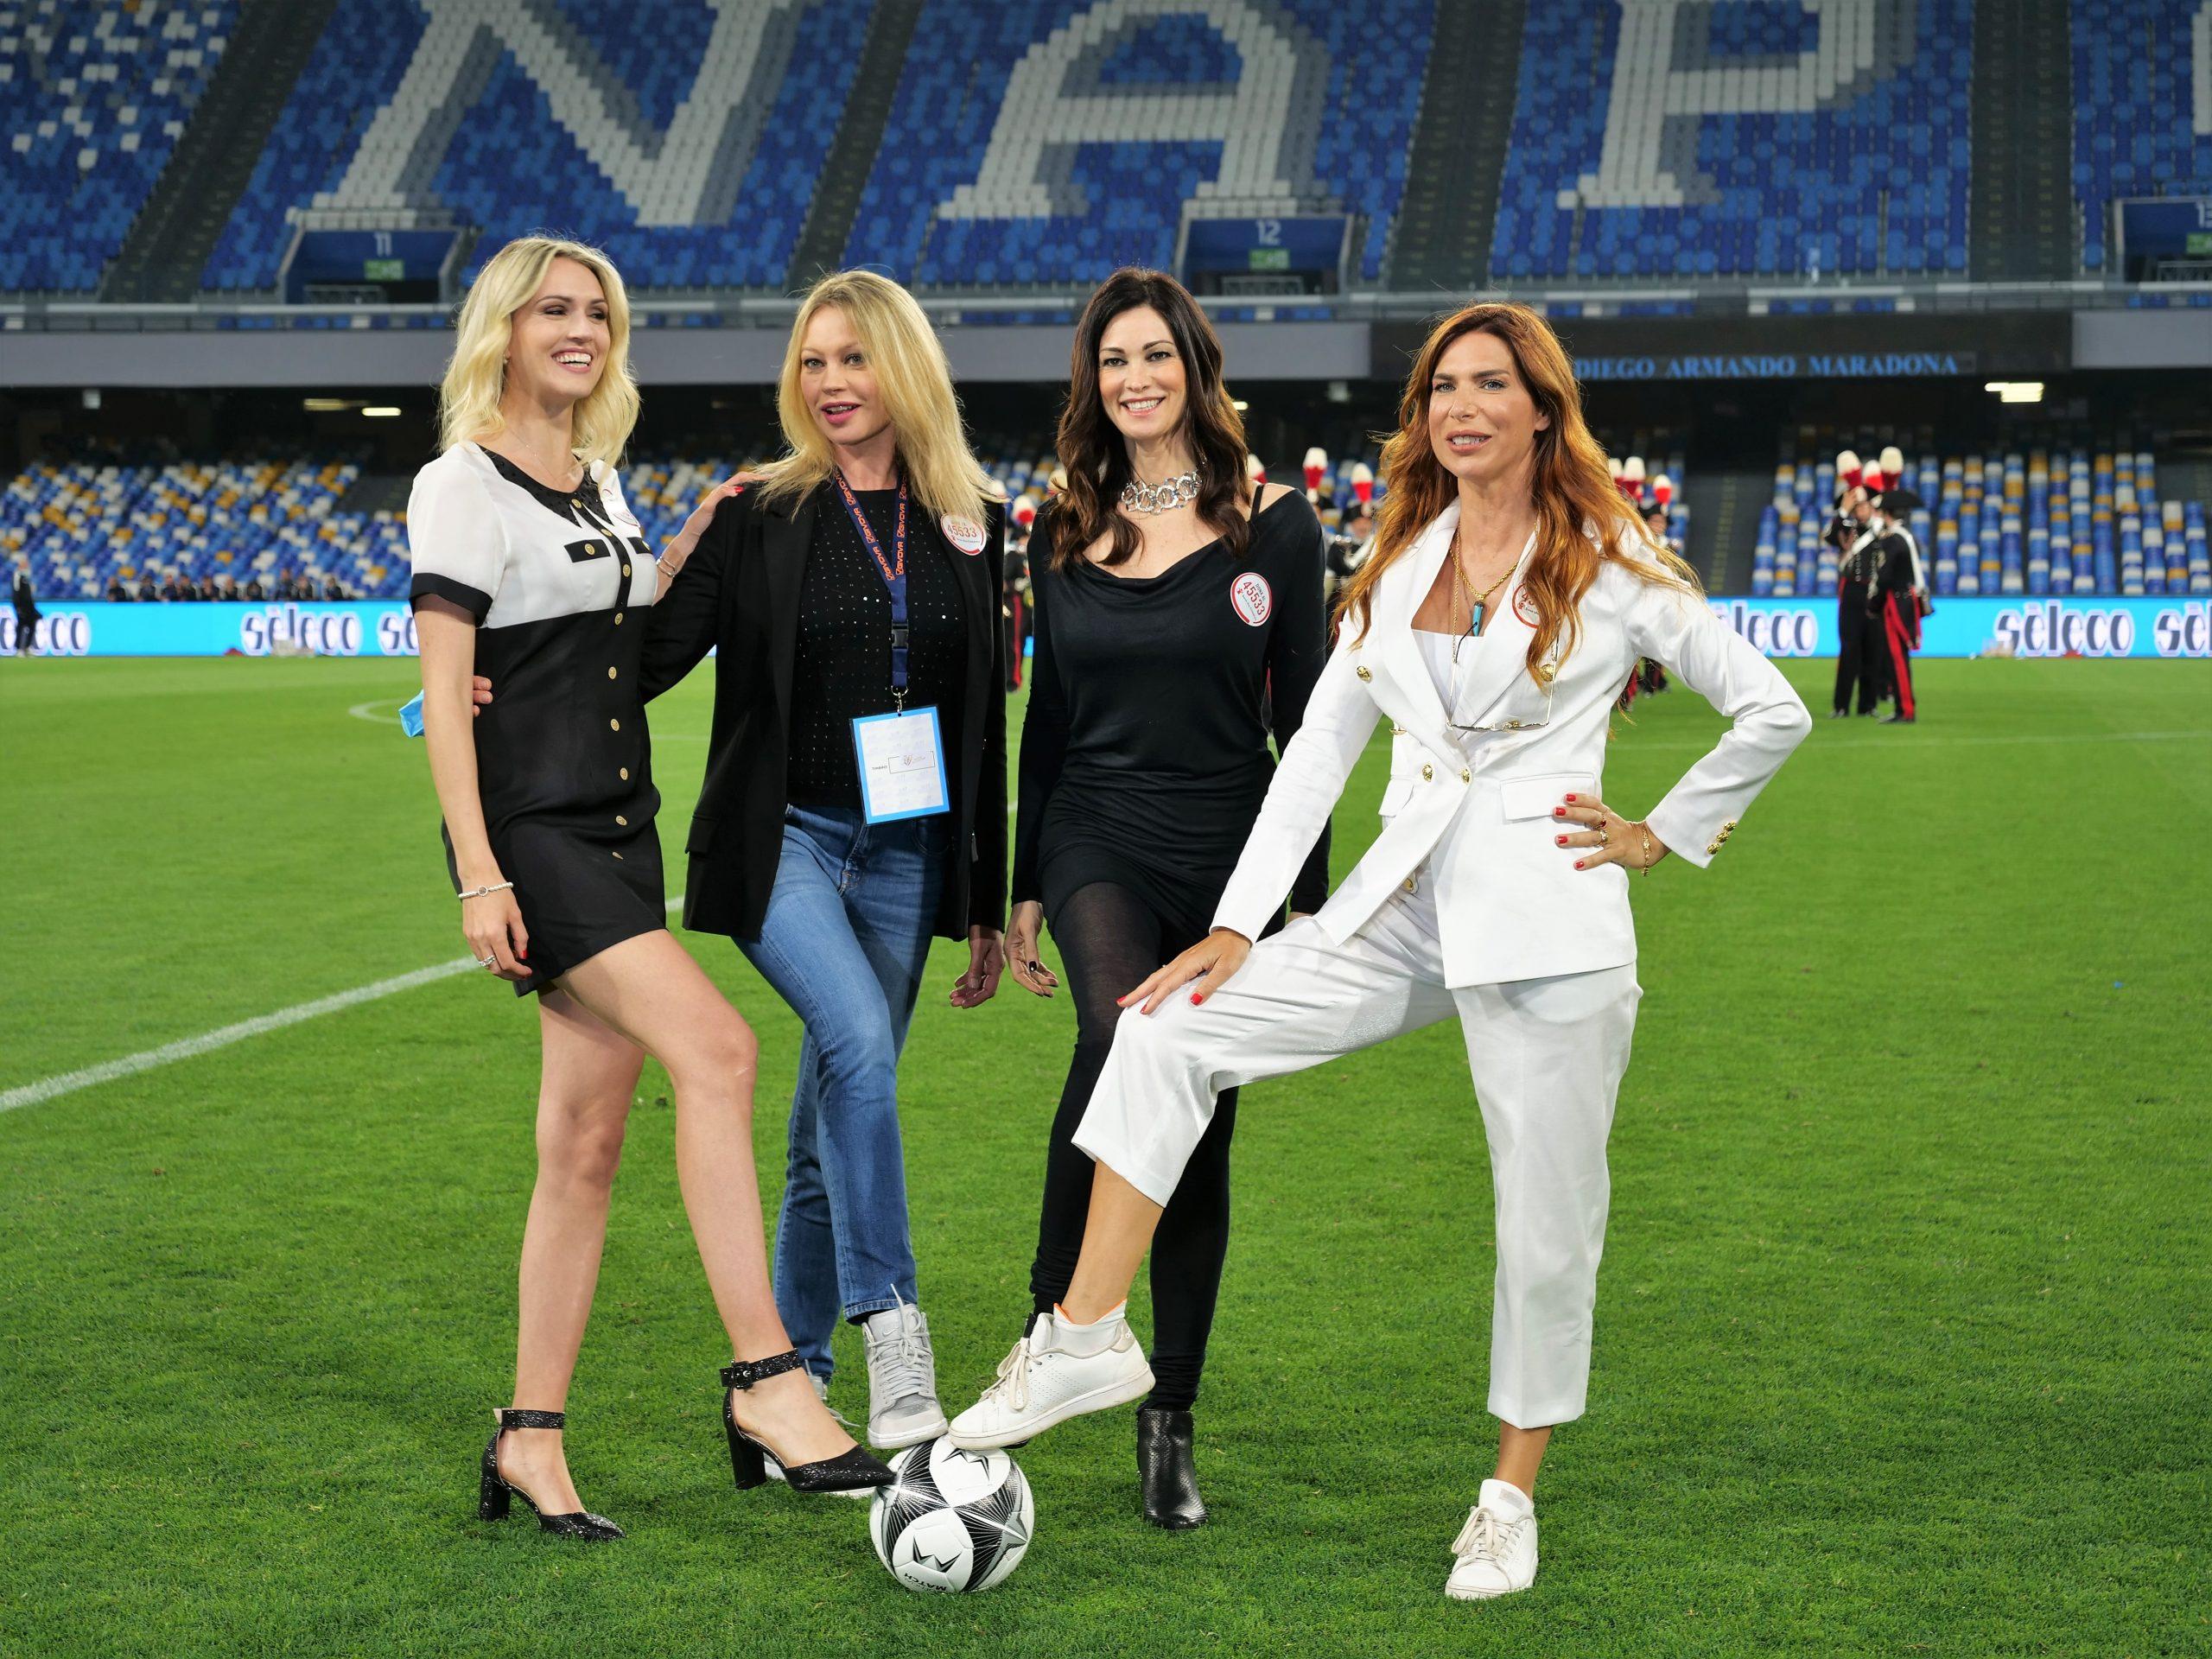 La Partita: su Rai2 l'evento benefico di calcio, conduce Fabrizio Rocca.